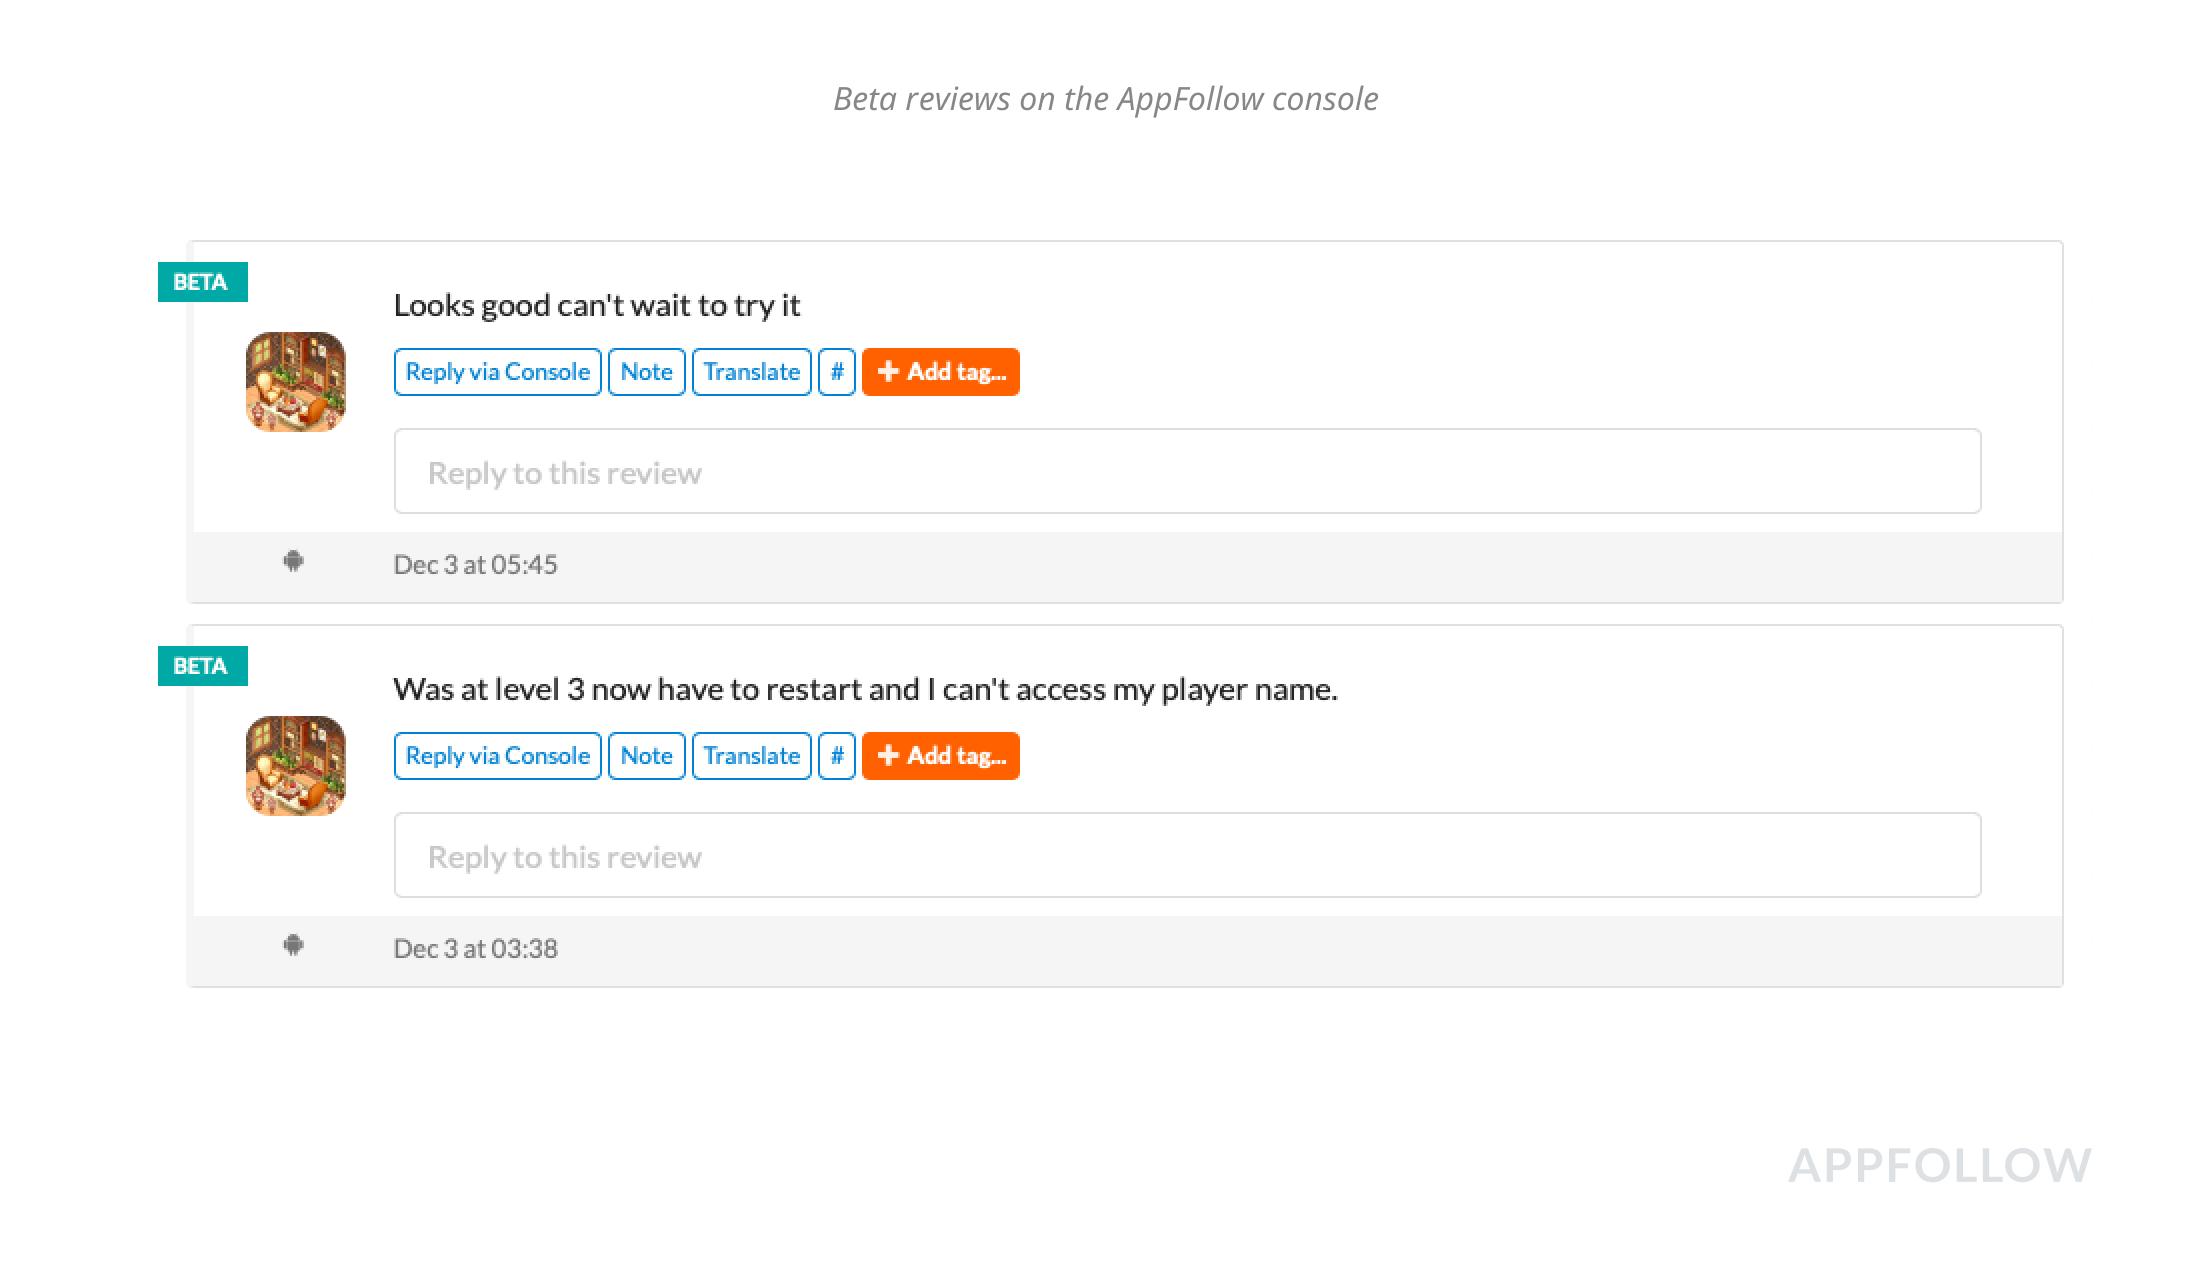 Beta-Rezensionen auf der AppFollow-Konsole